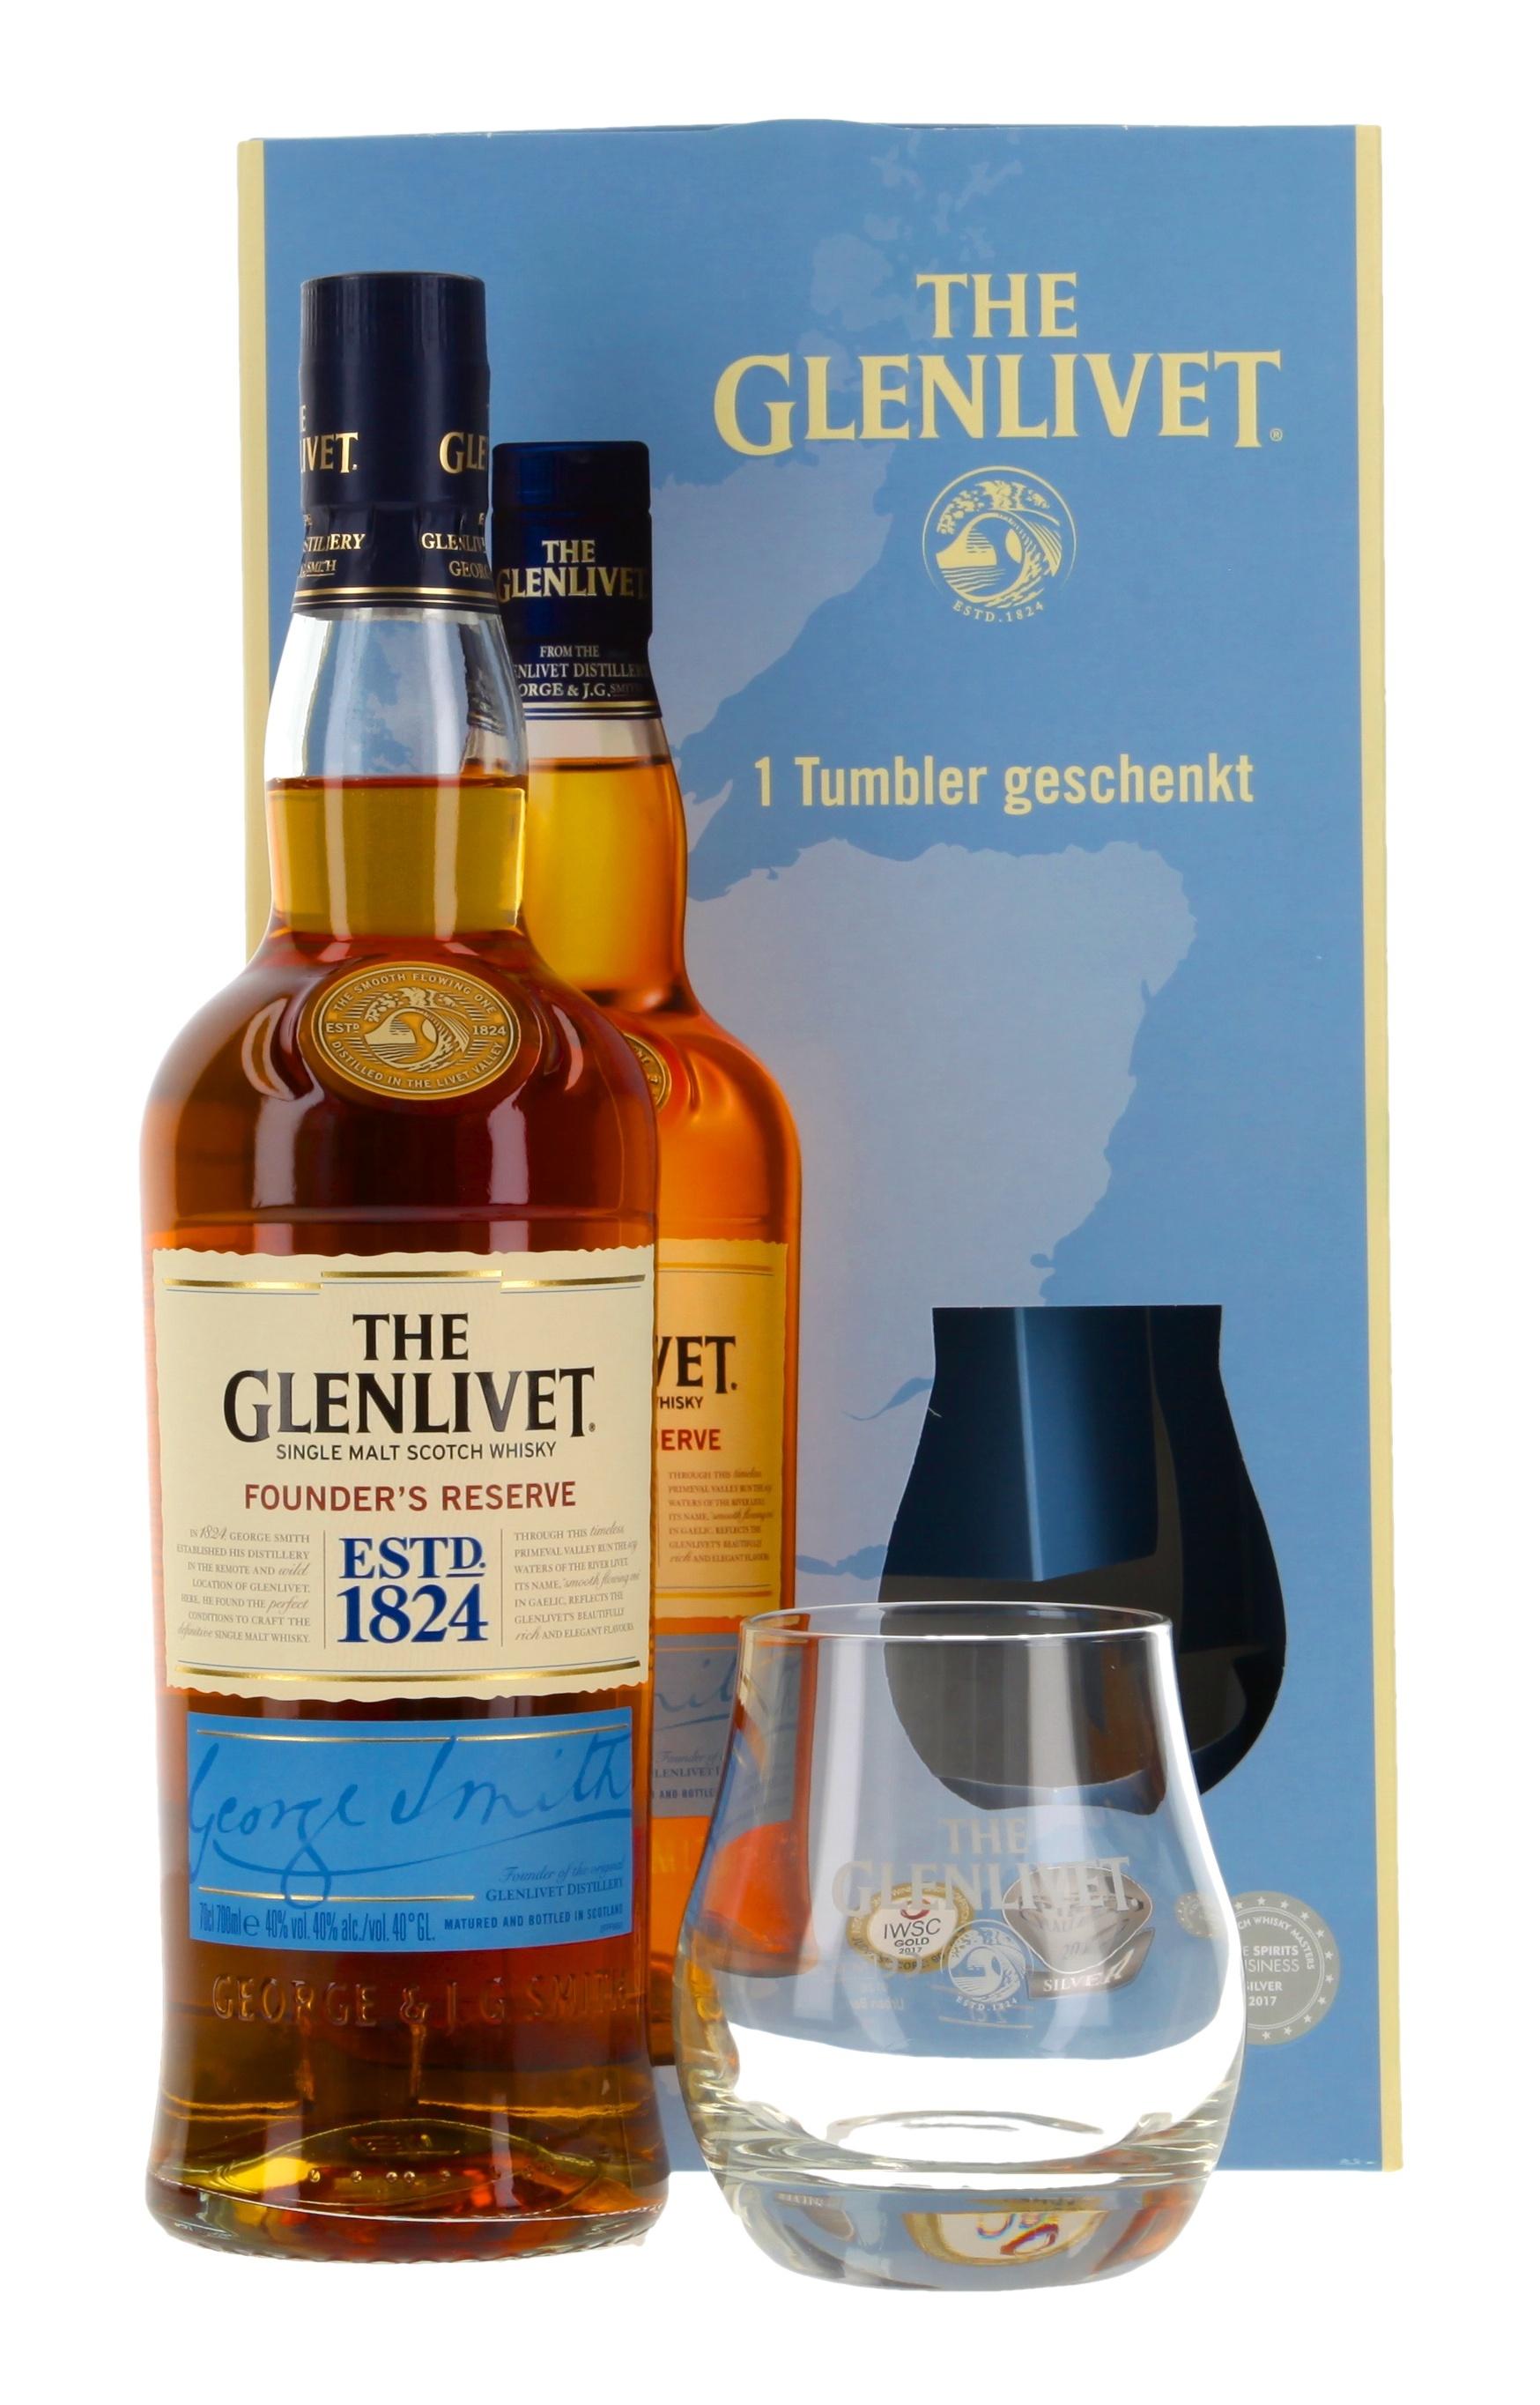 Glenlivet Founder's Reserve mit 1 Tumbler